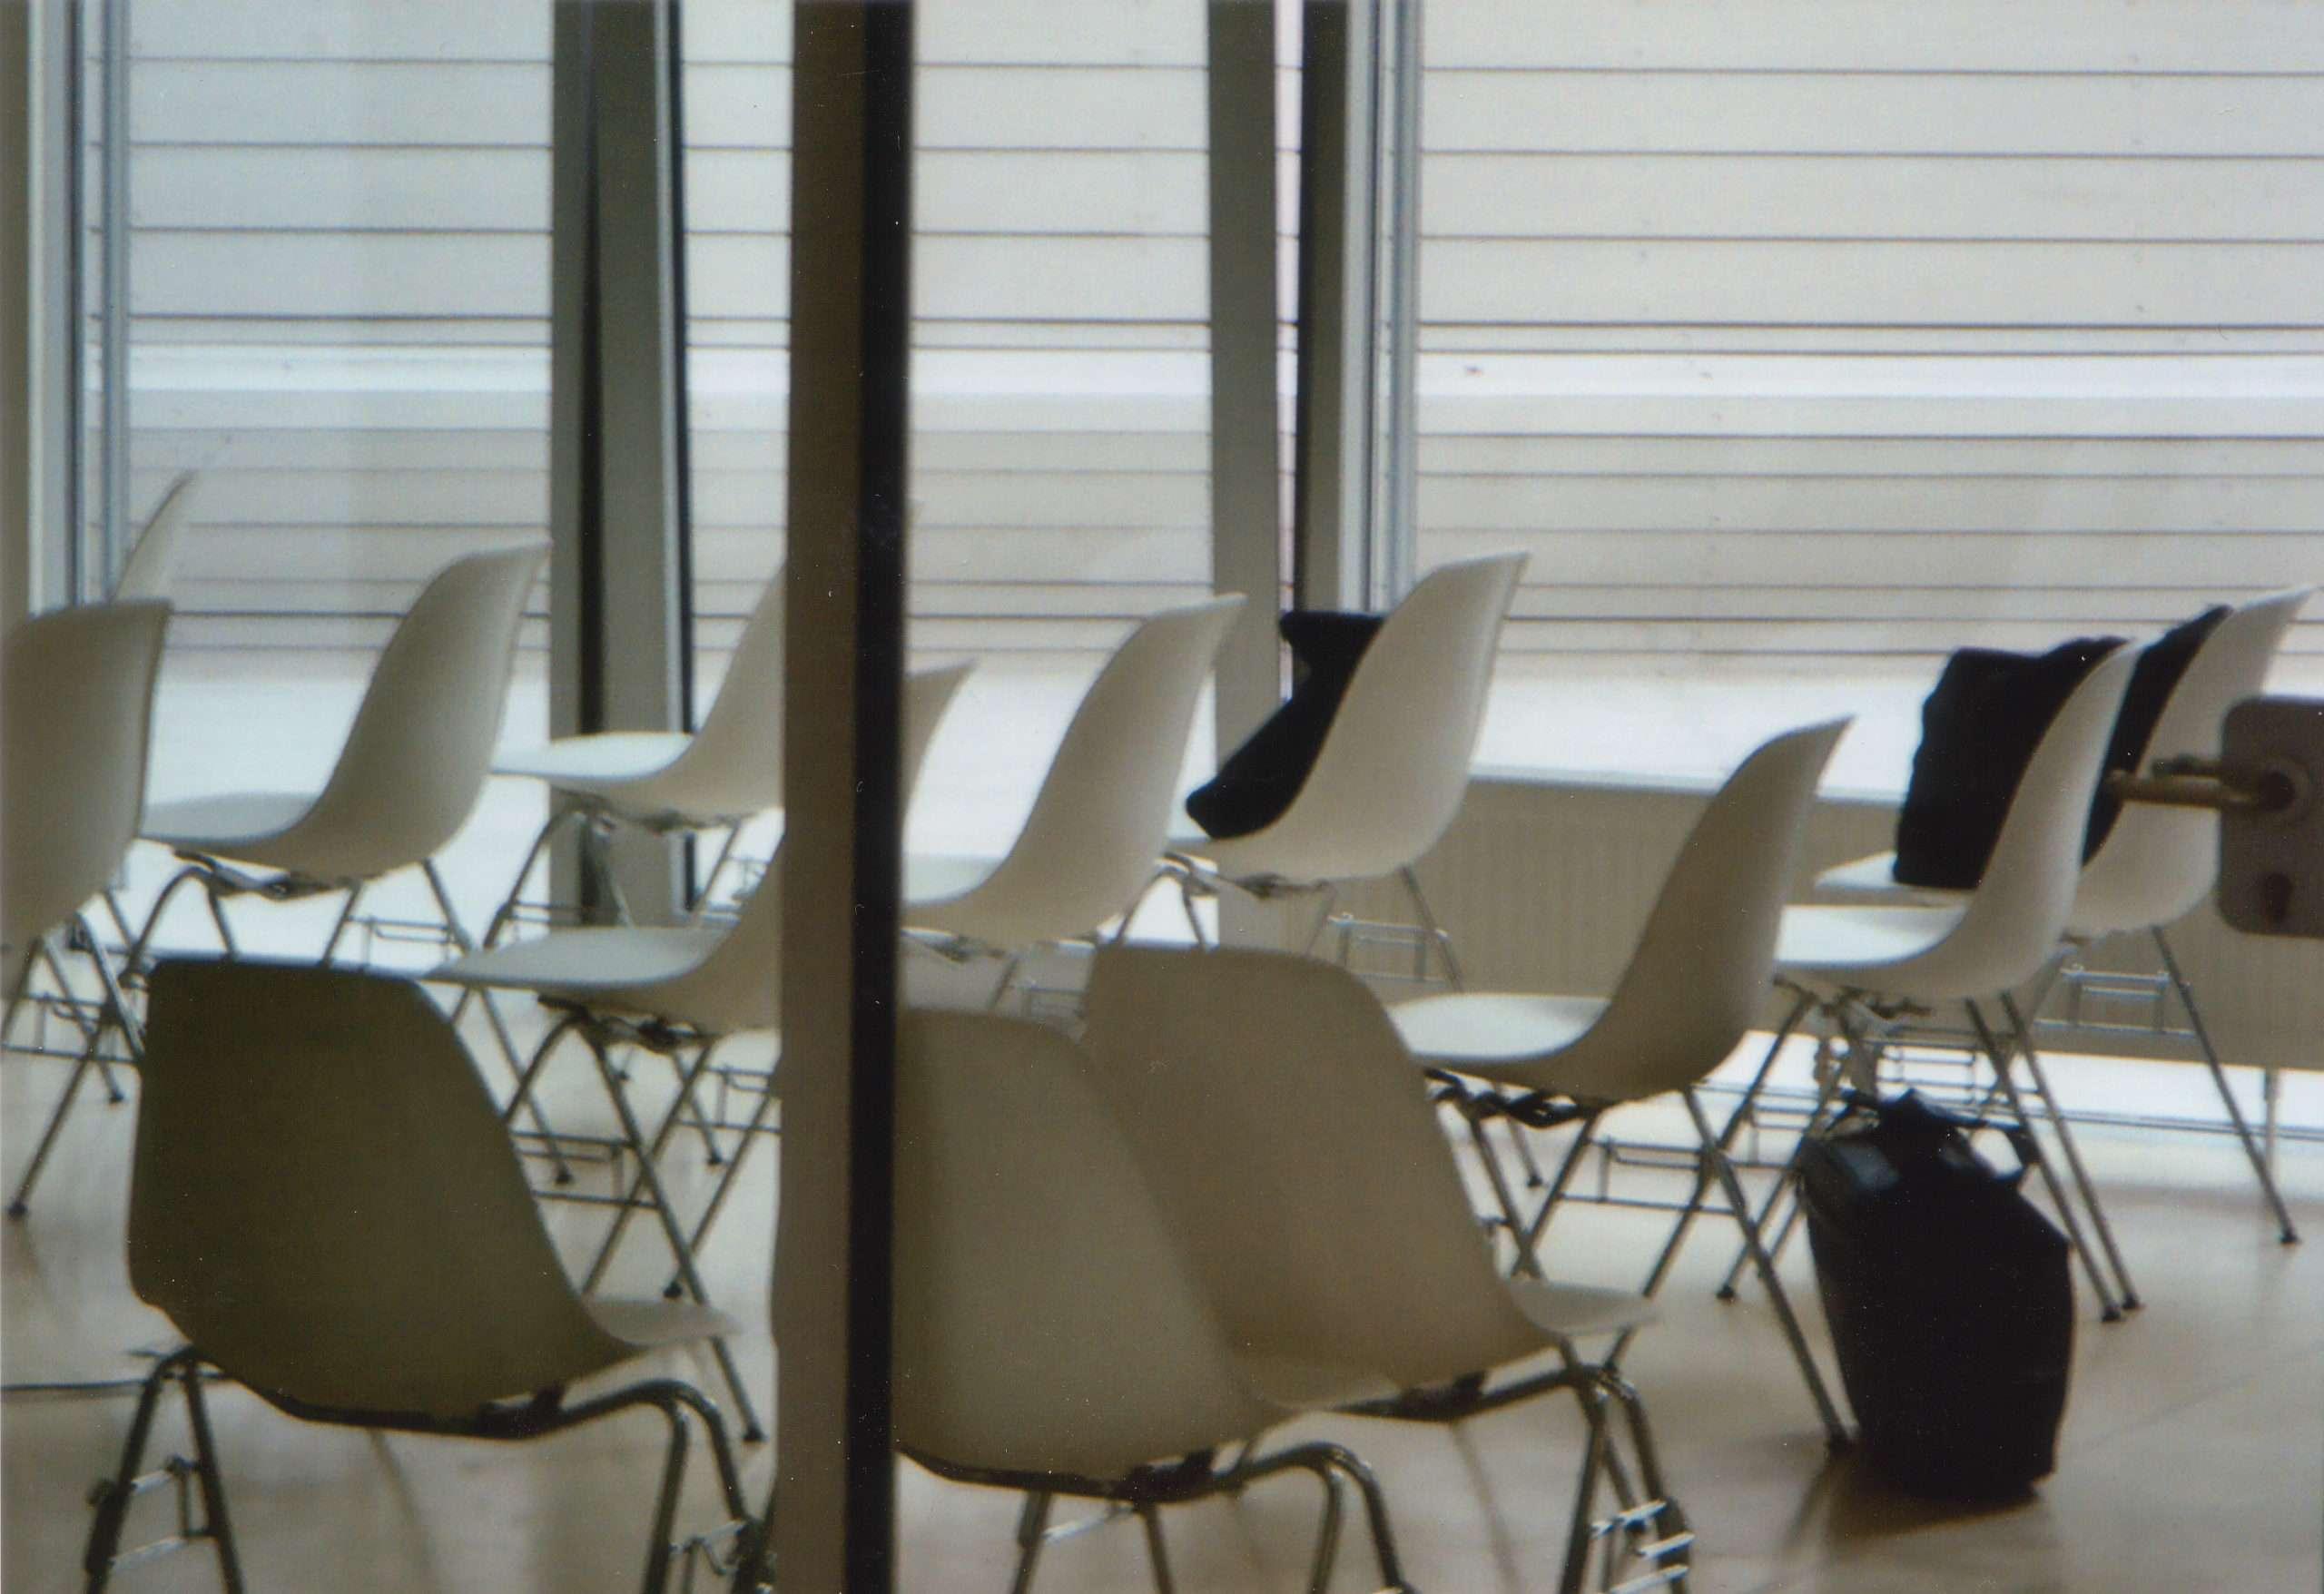 alexandra reill: SAVE / SAFE. a business setting, 2004